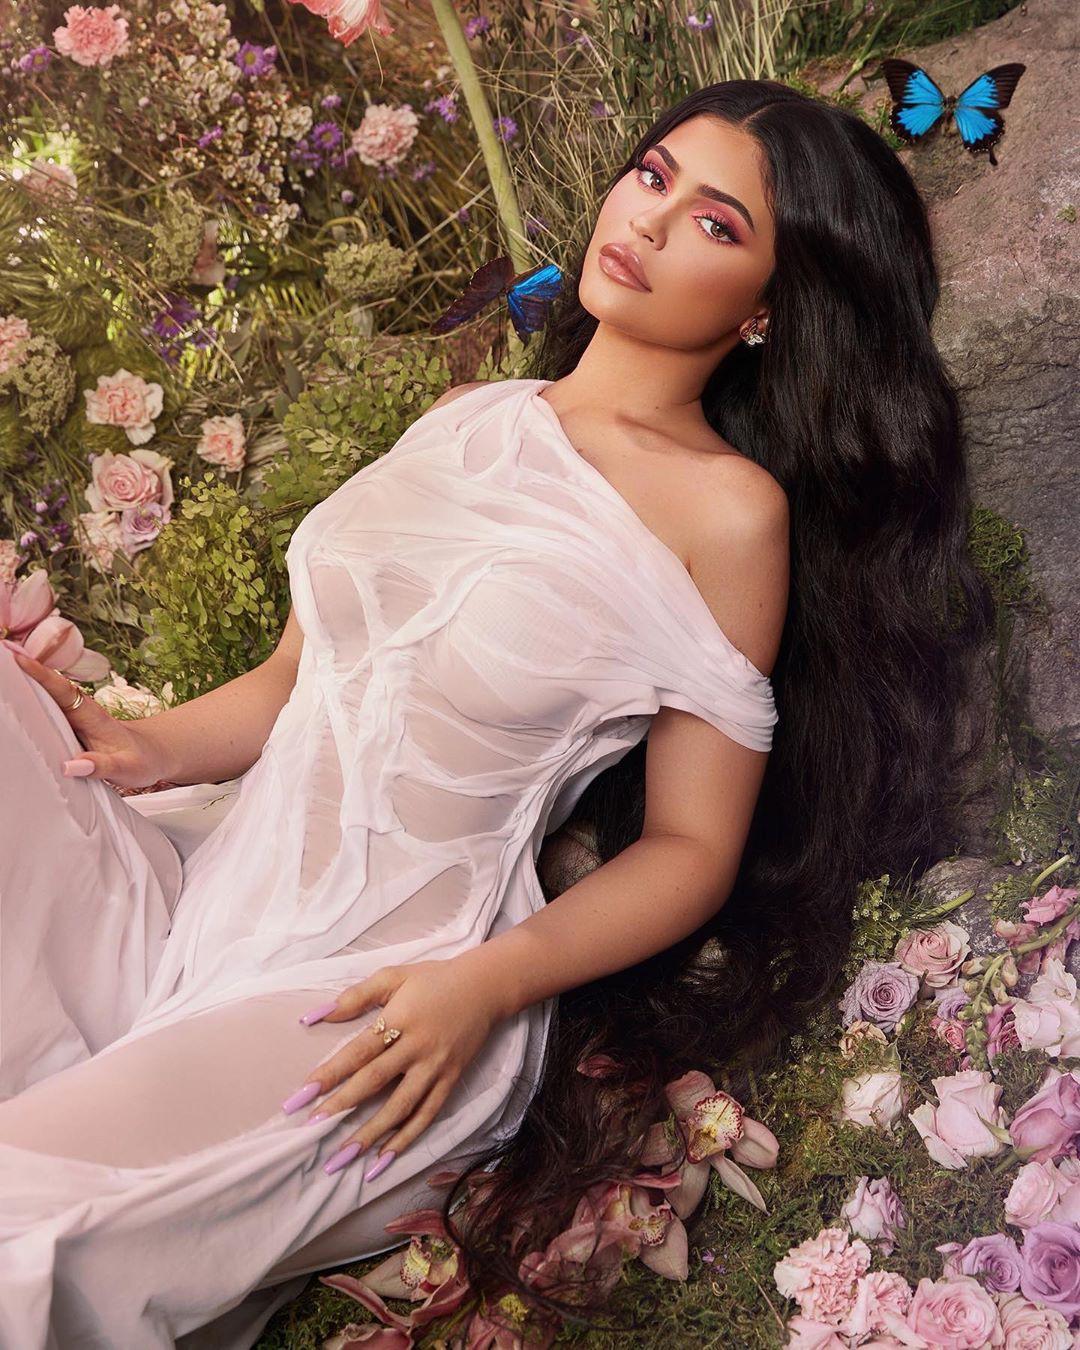 Kylie Jenner Hot Curvy Body